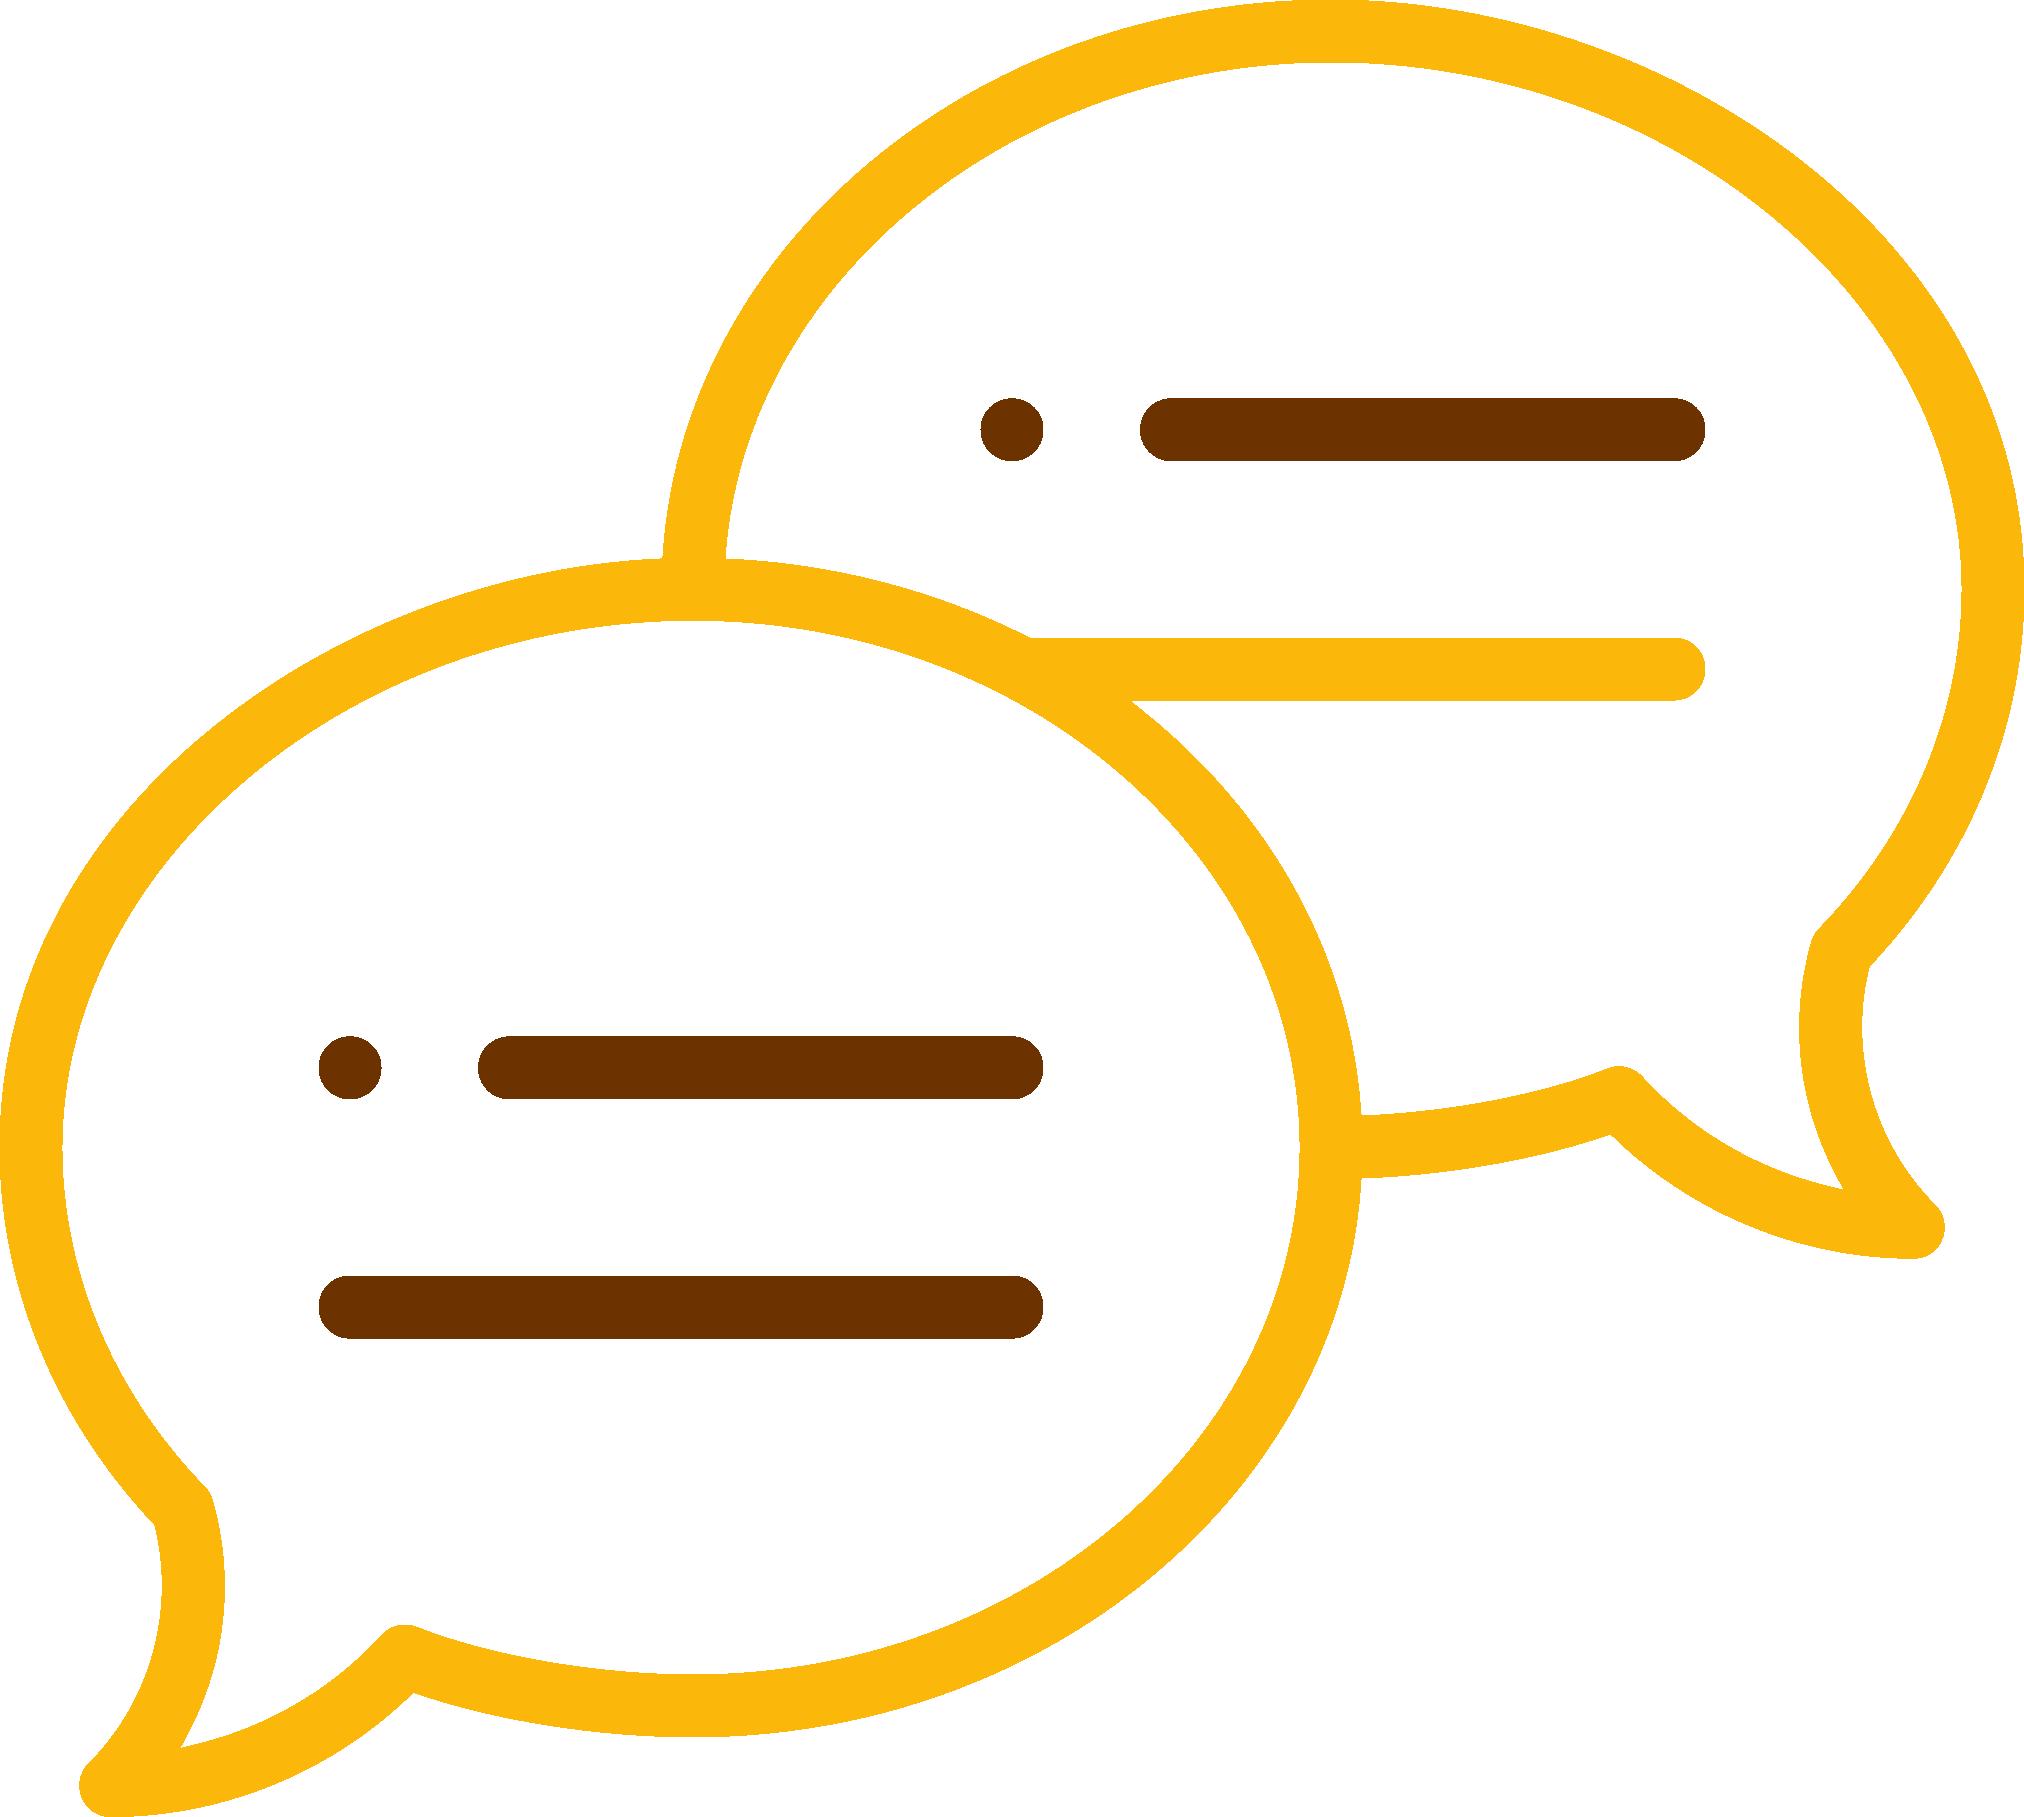 Conectividad para garantizar consistencia y calidad